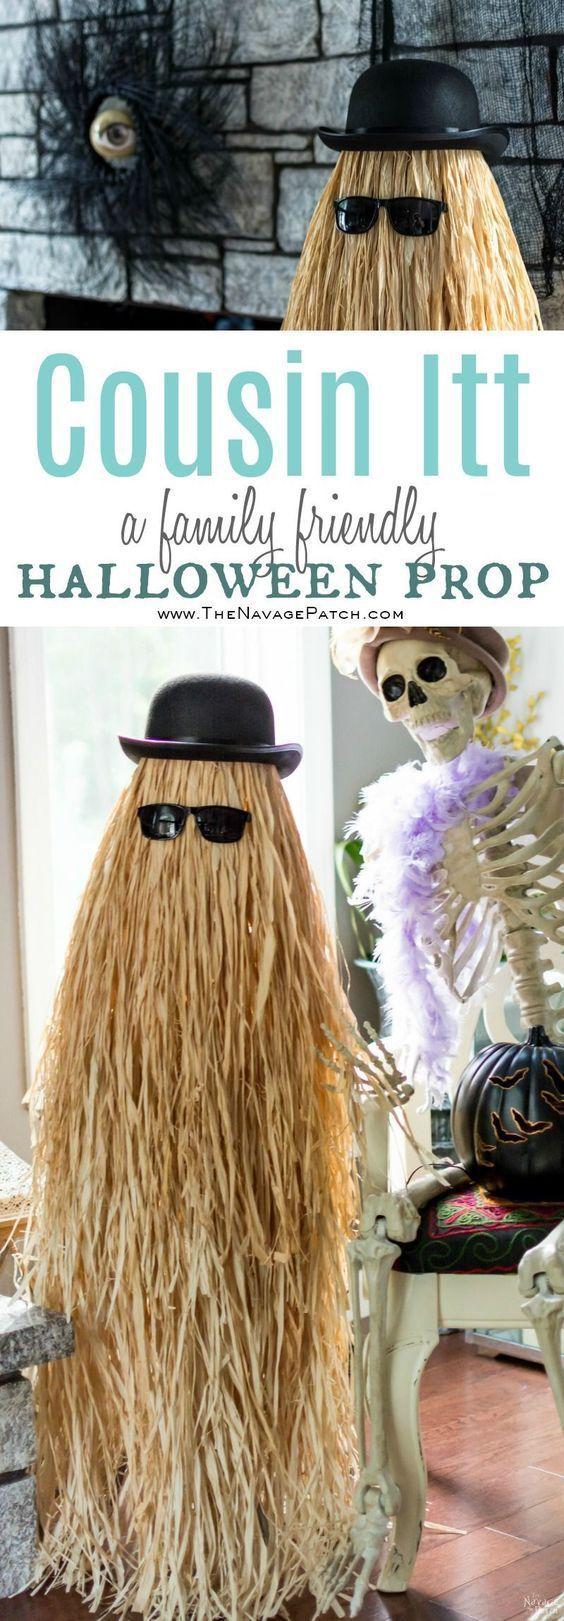 Cousin Itt Halloween Prop.